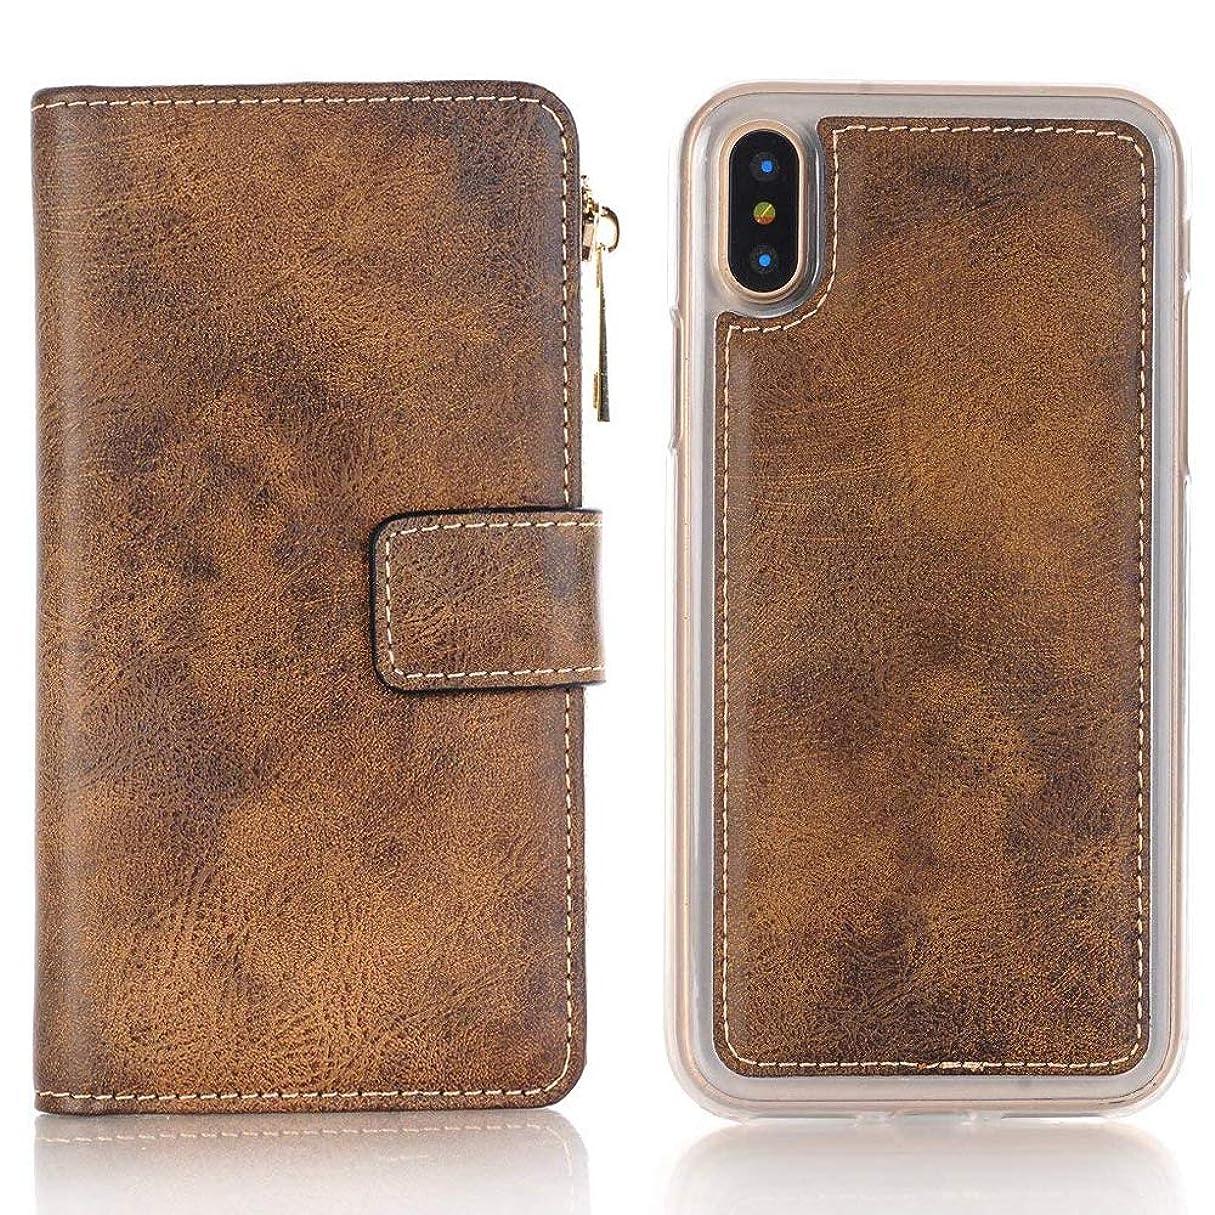 つぼみペナルティ例外iPhone X ケース 手帳型 INorton 全面保護カバー 耐衝撃 レンズ保護 カード収納 分離式 高品質レザー シリコン 軽量 マグネット式(ブラウン)